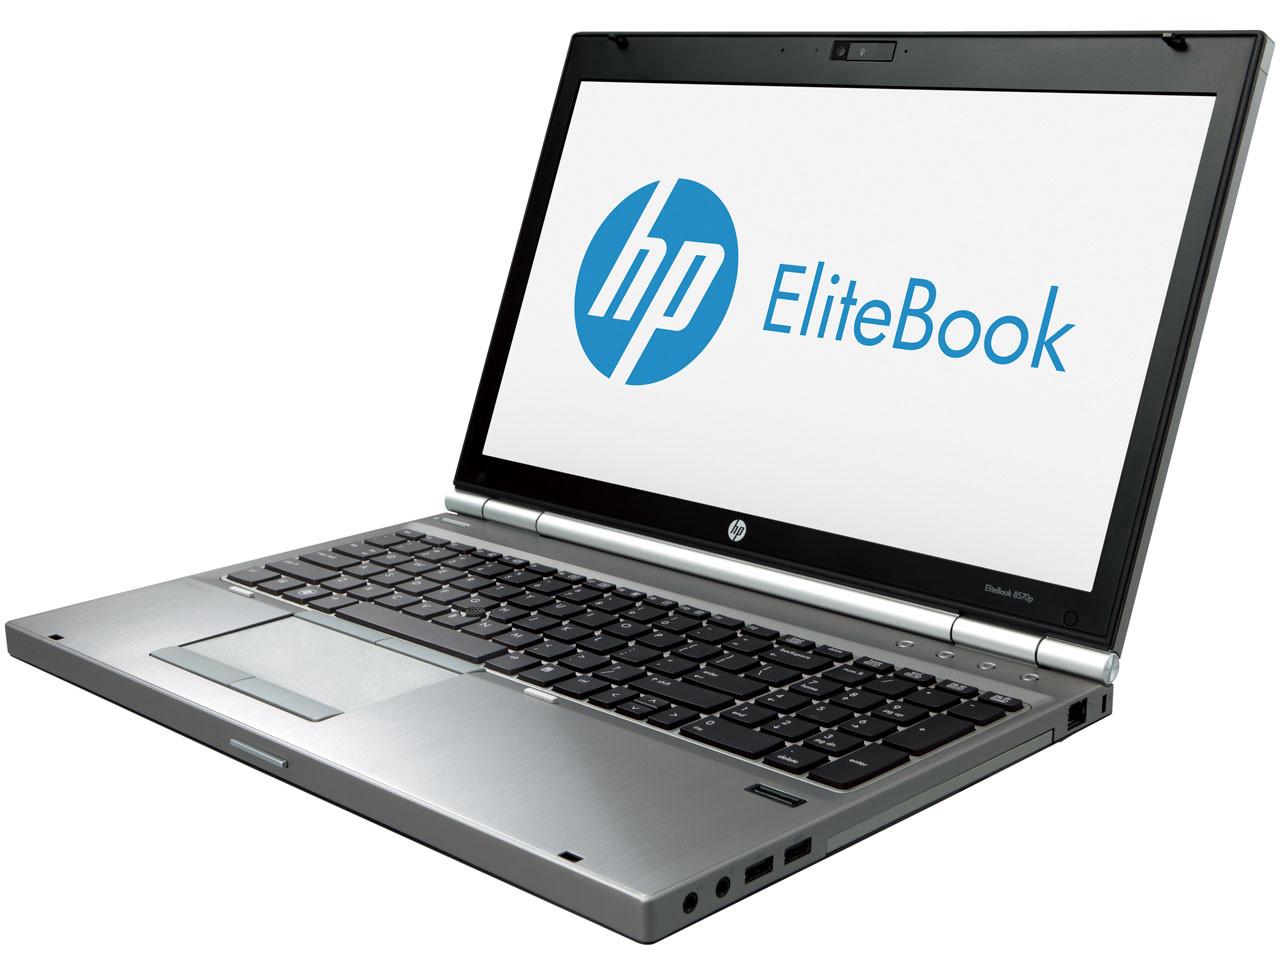 HP EliteBook 8570p - Side display view